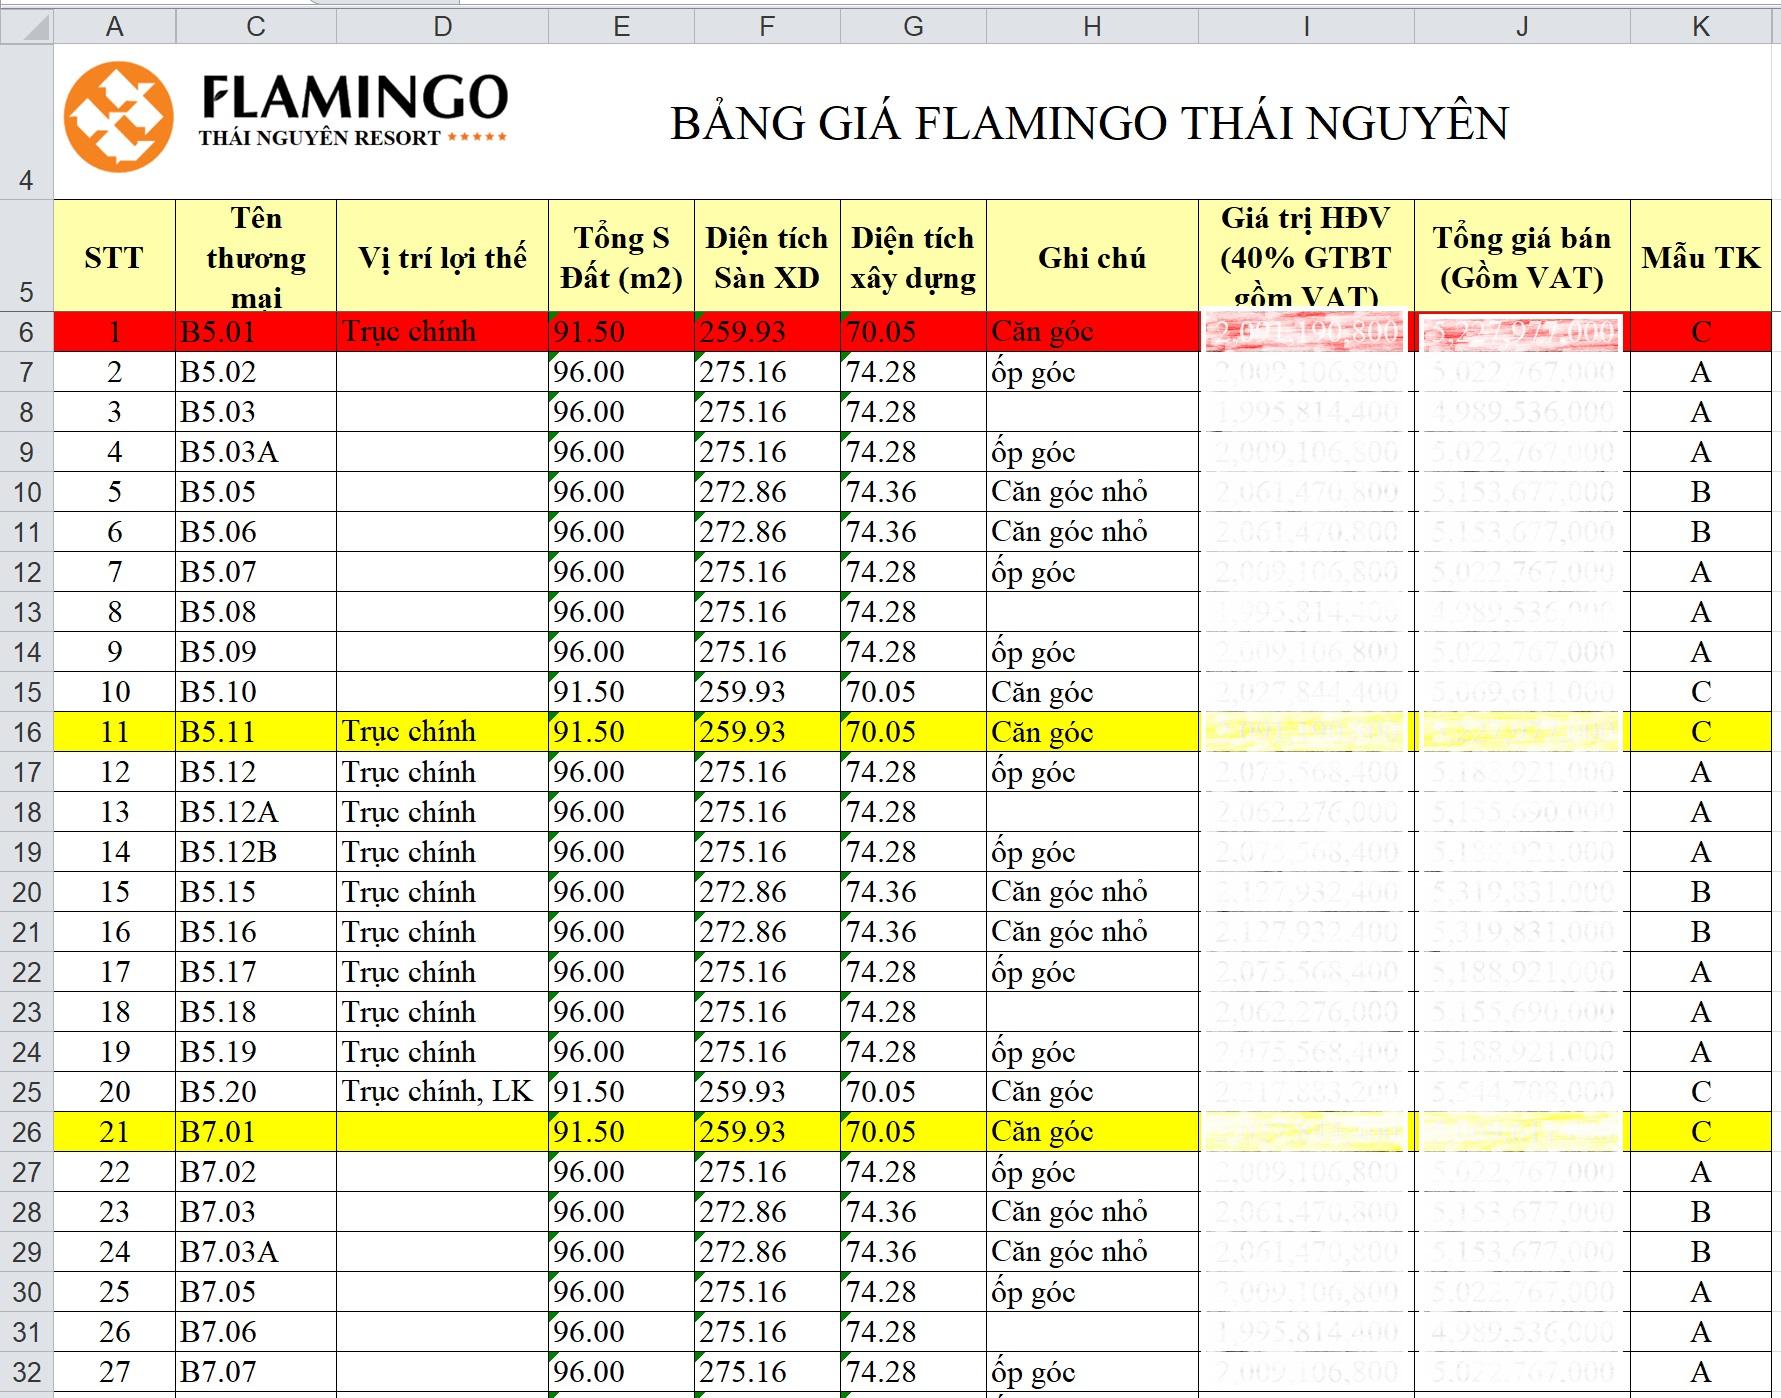 Giá bán Flamingo Thái Nguyên